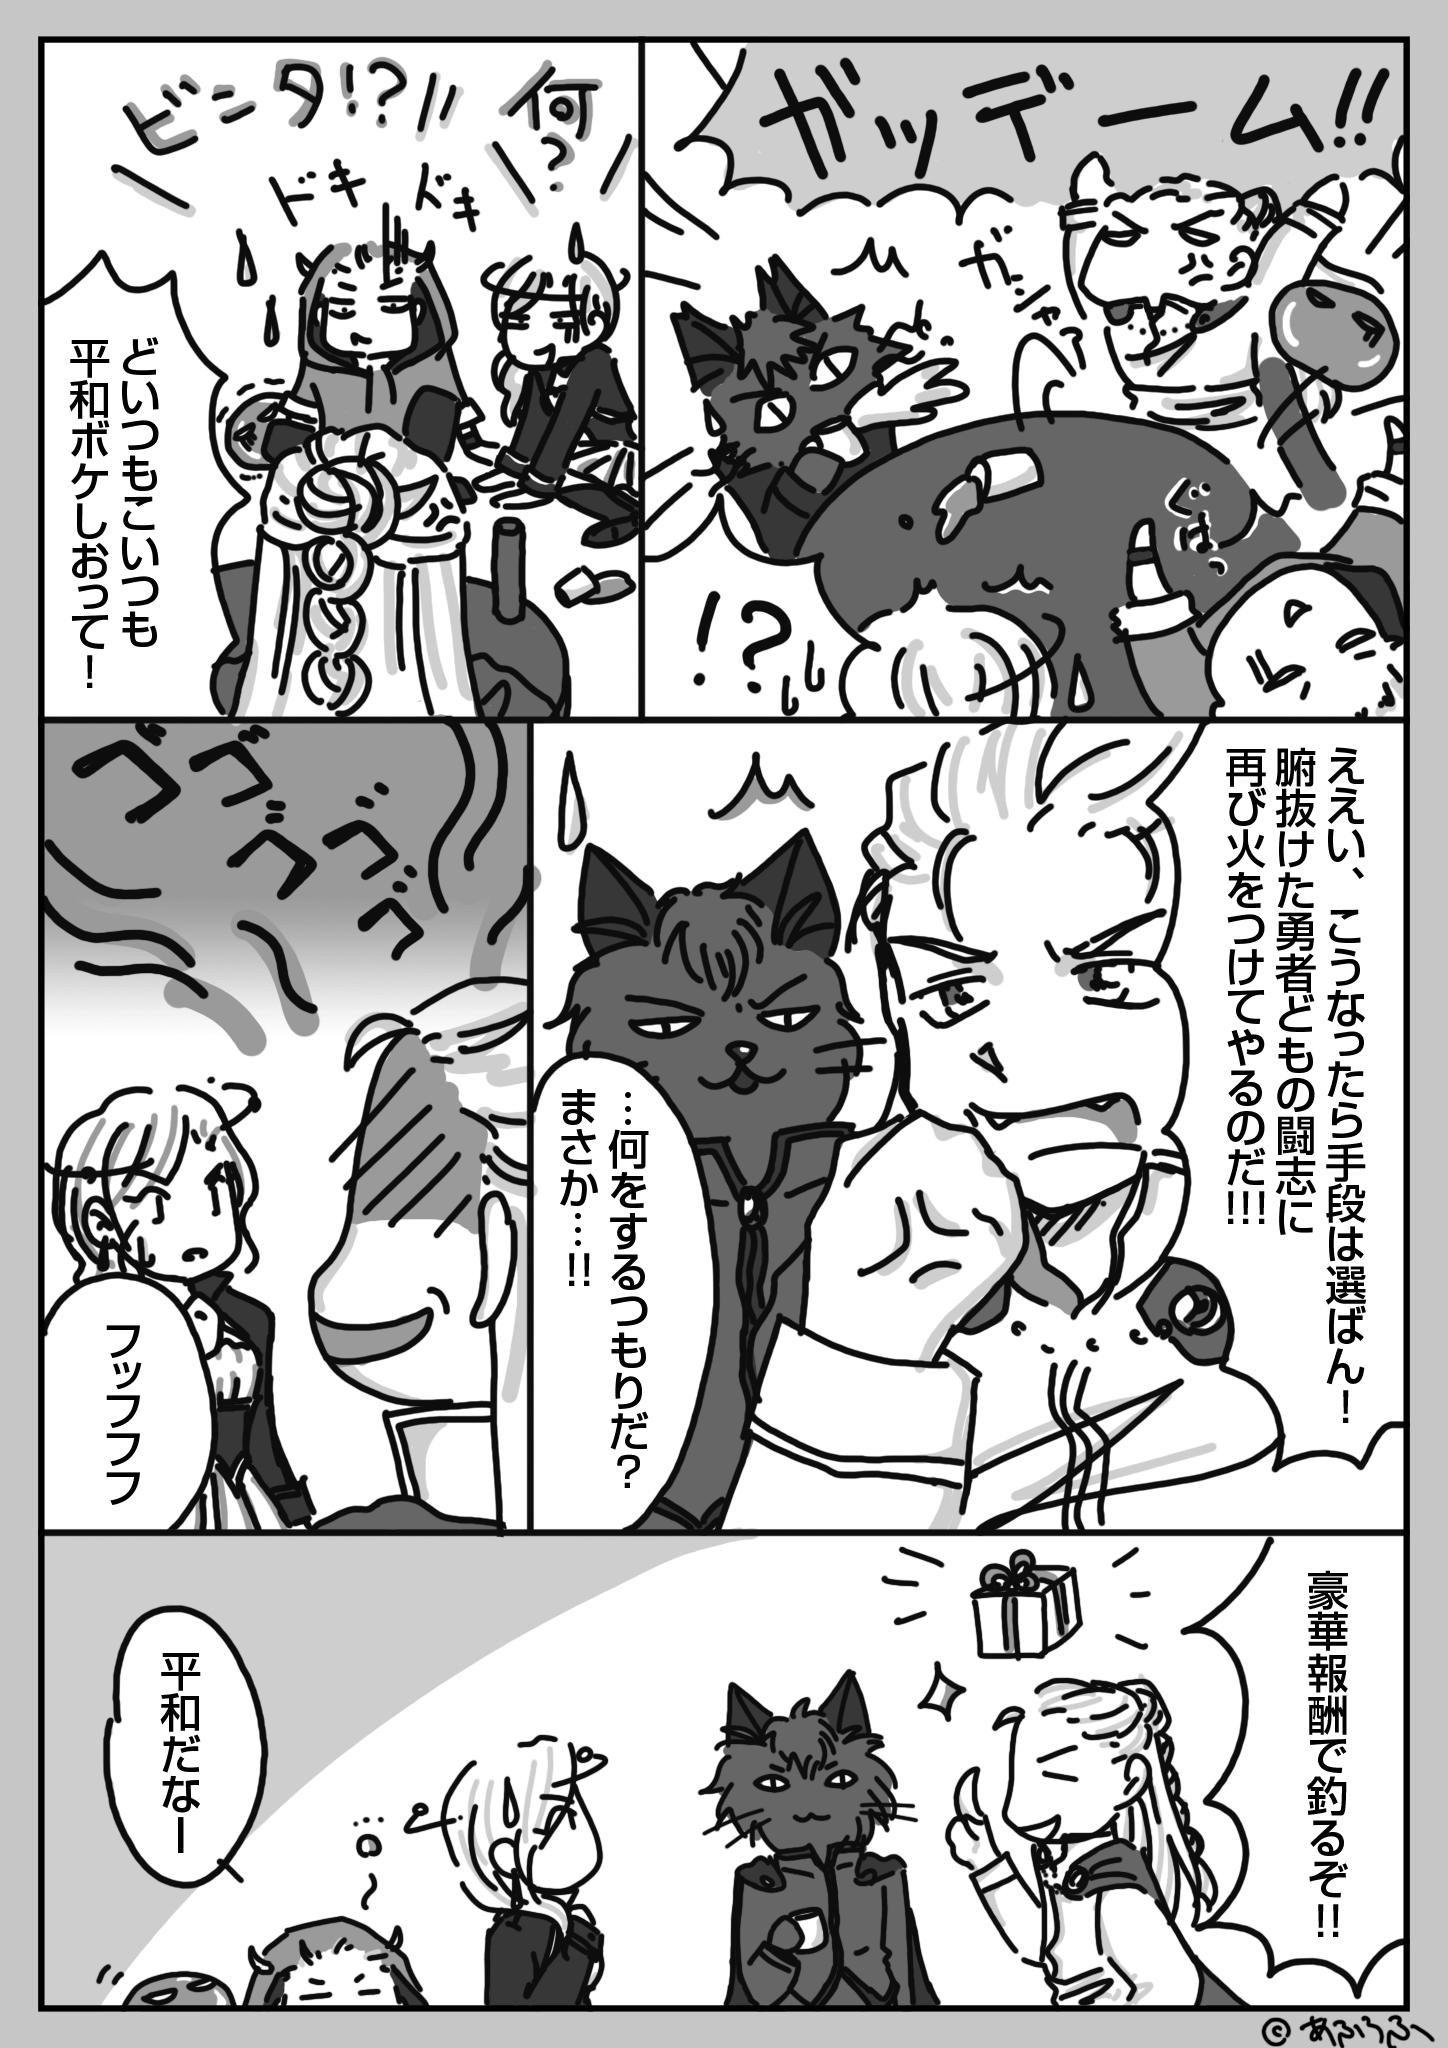 1話(5)『大魔王メチャ・ダークとゆかいな魔王たち』